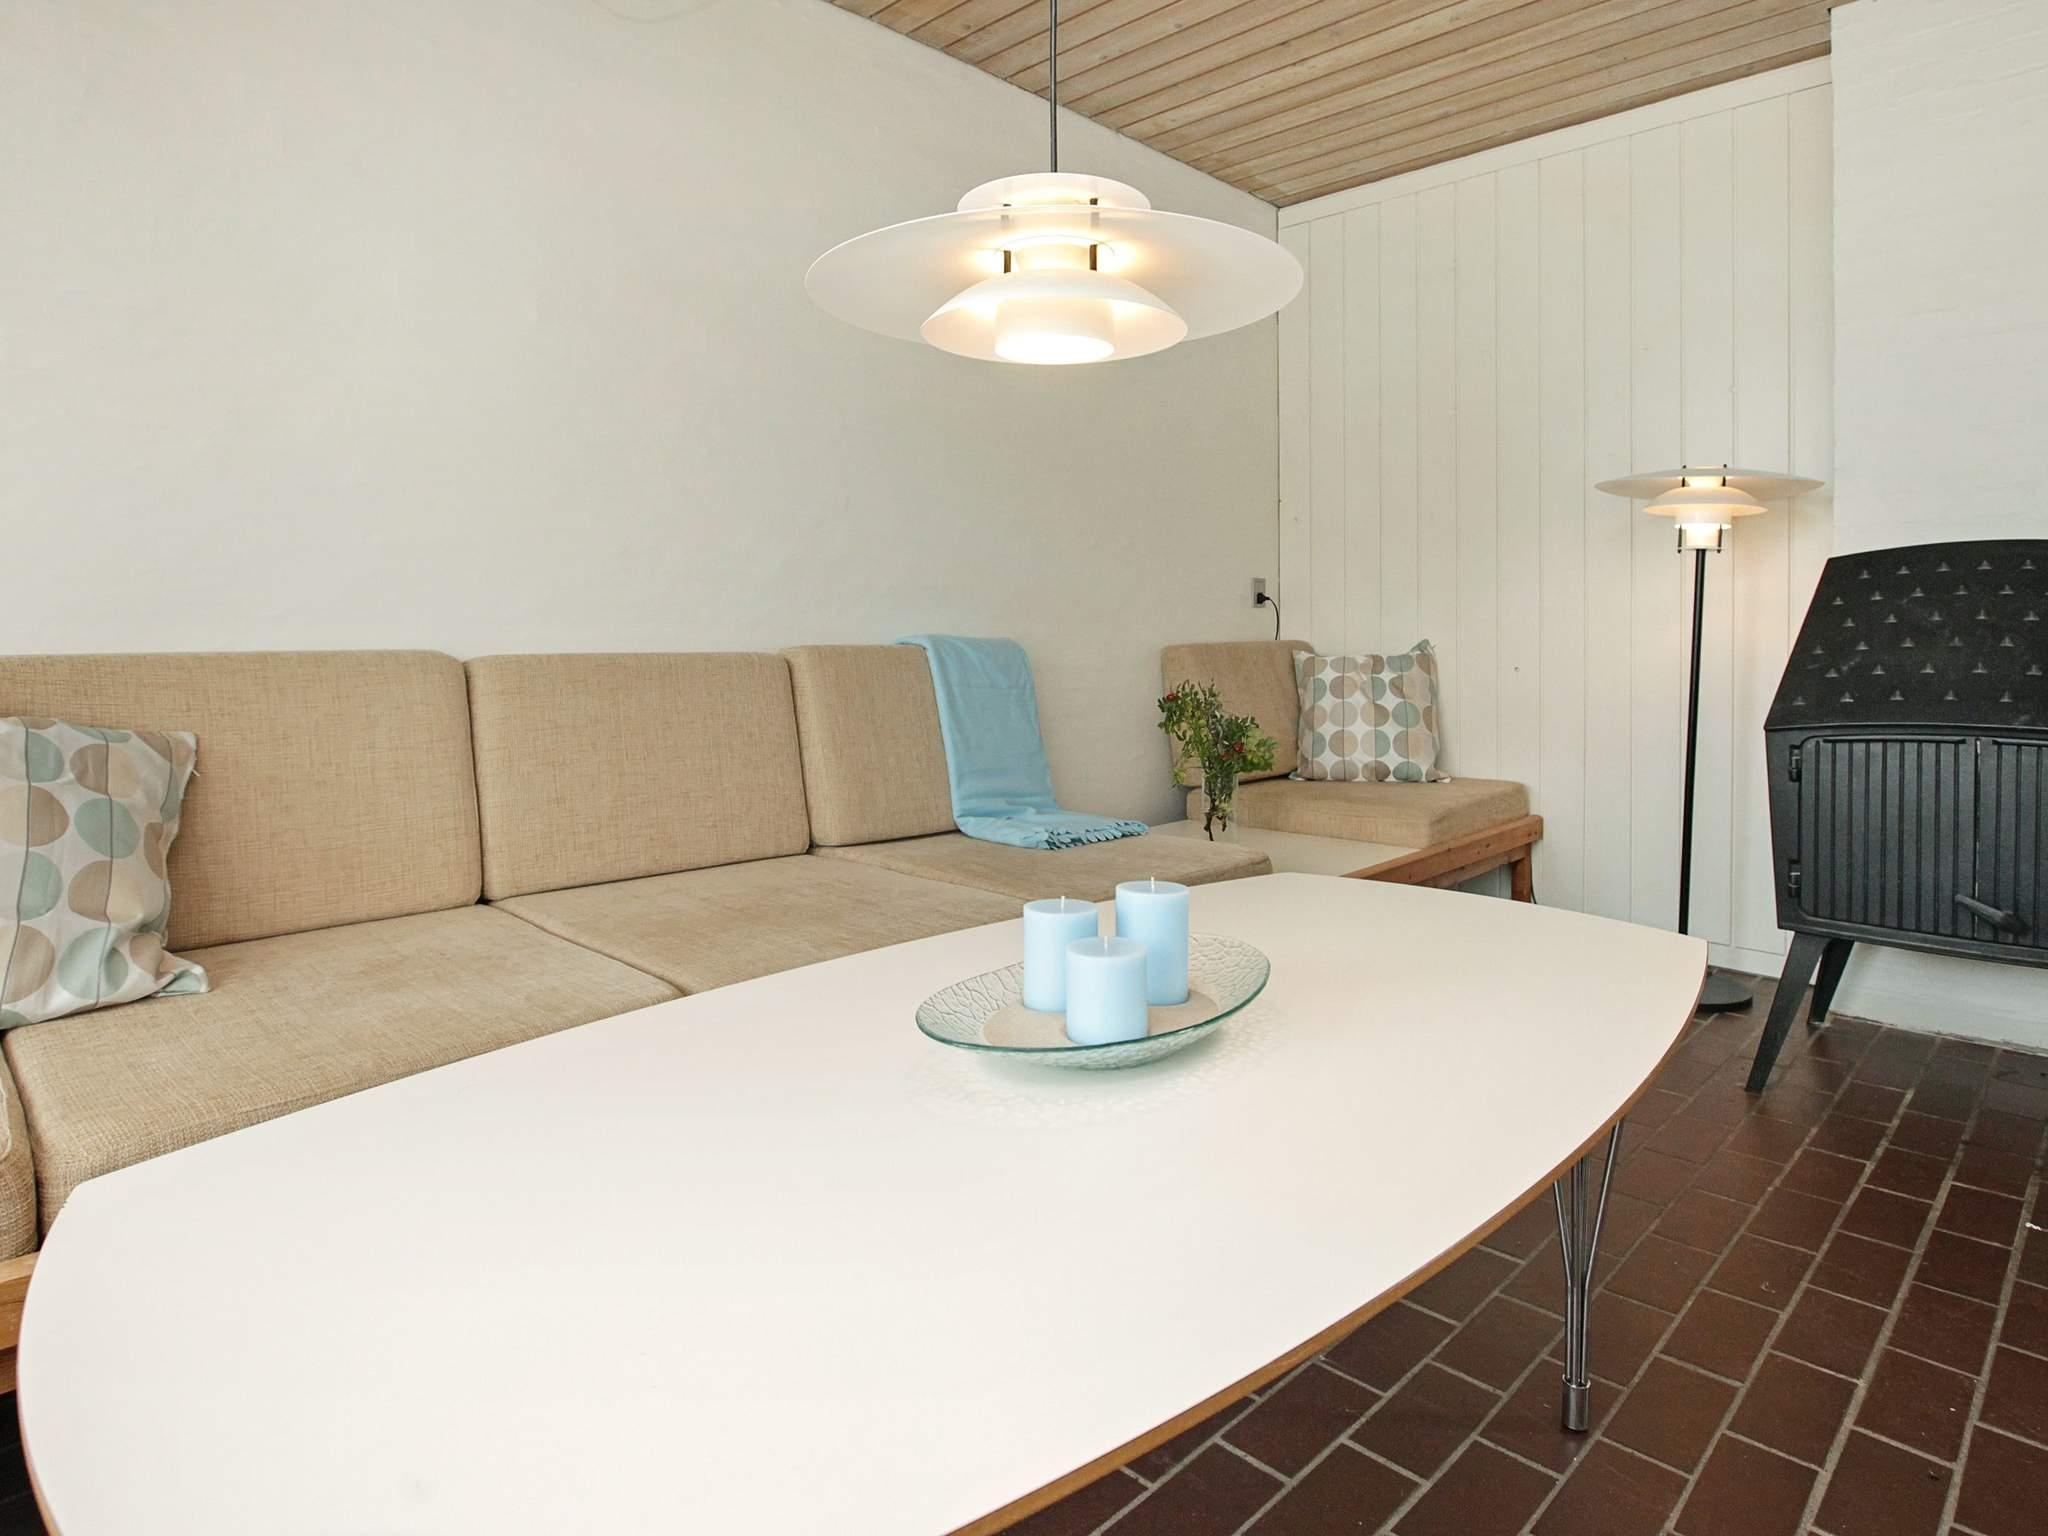 Ferienhaus Rødhus (2003420), Rødhus Klit, , Nordwestjütland, Dänemark, Bild 2